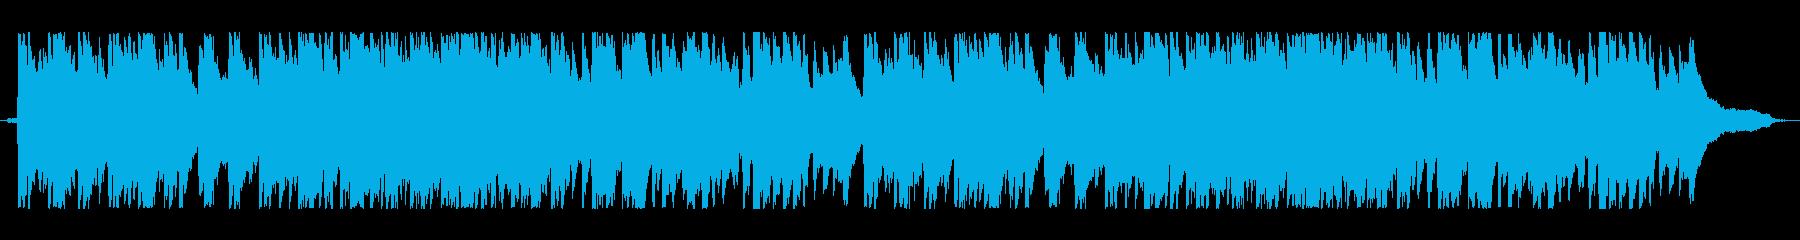 やさしい3拍子の不思議なピアノソロの再生済みの波形